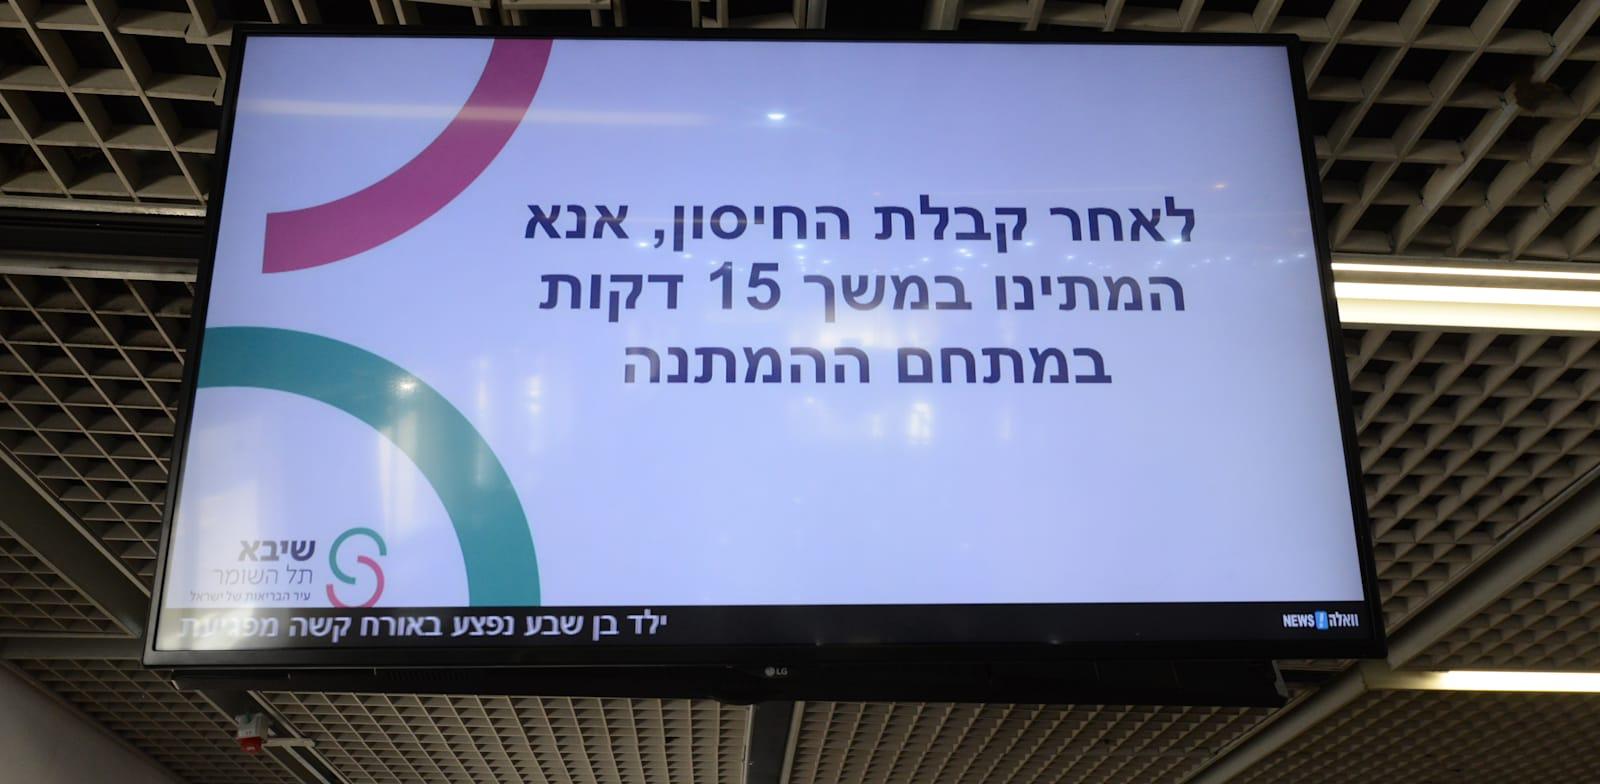 מתחם חיסוני קורונה בבית החולים שיבא תל השומר / צילום: איל יצהר